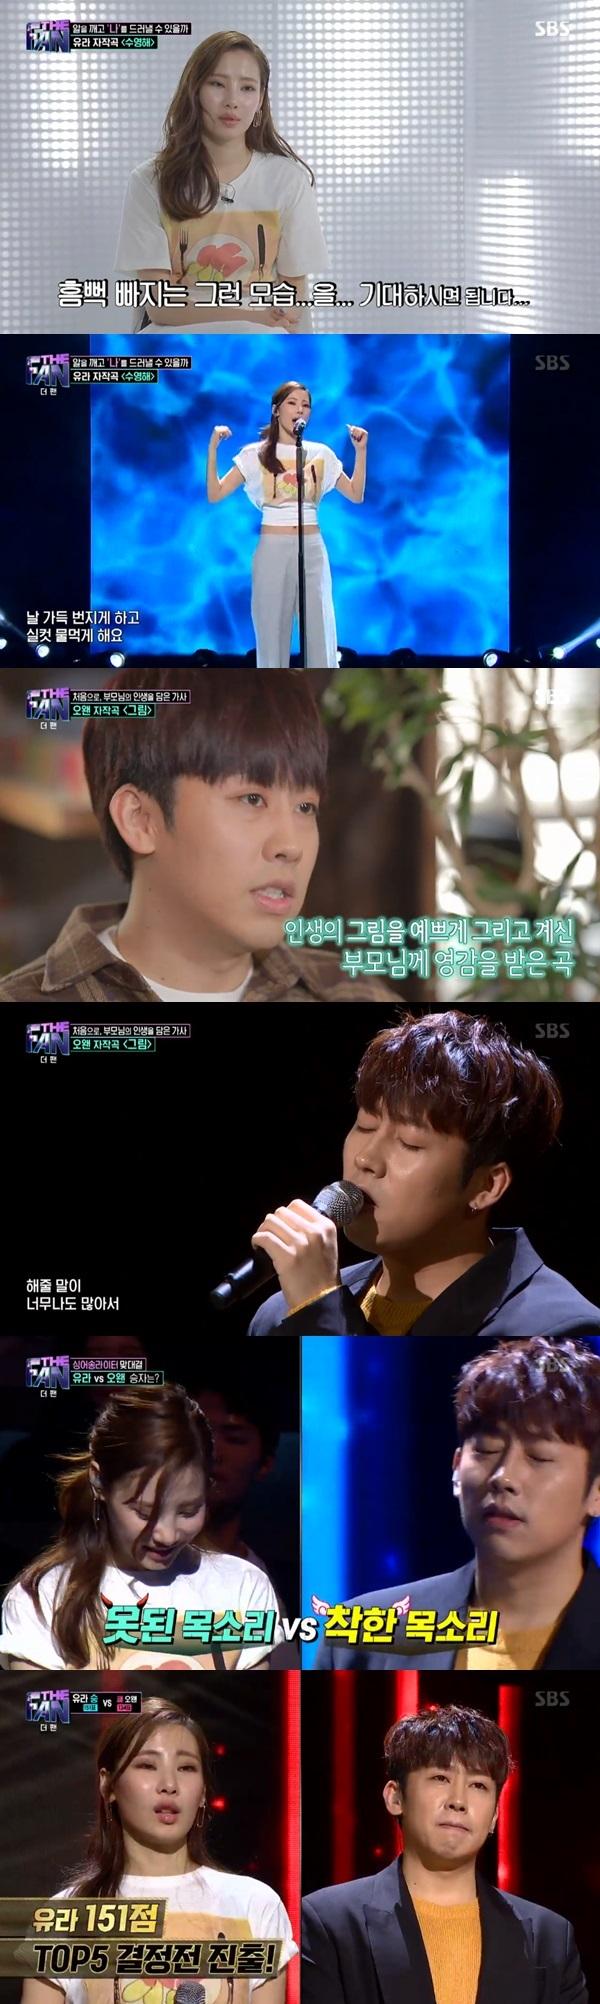 SBS '더팬' 방송 화면 캡처© News1